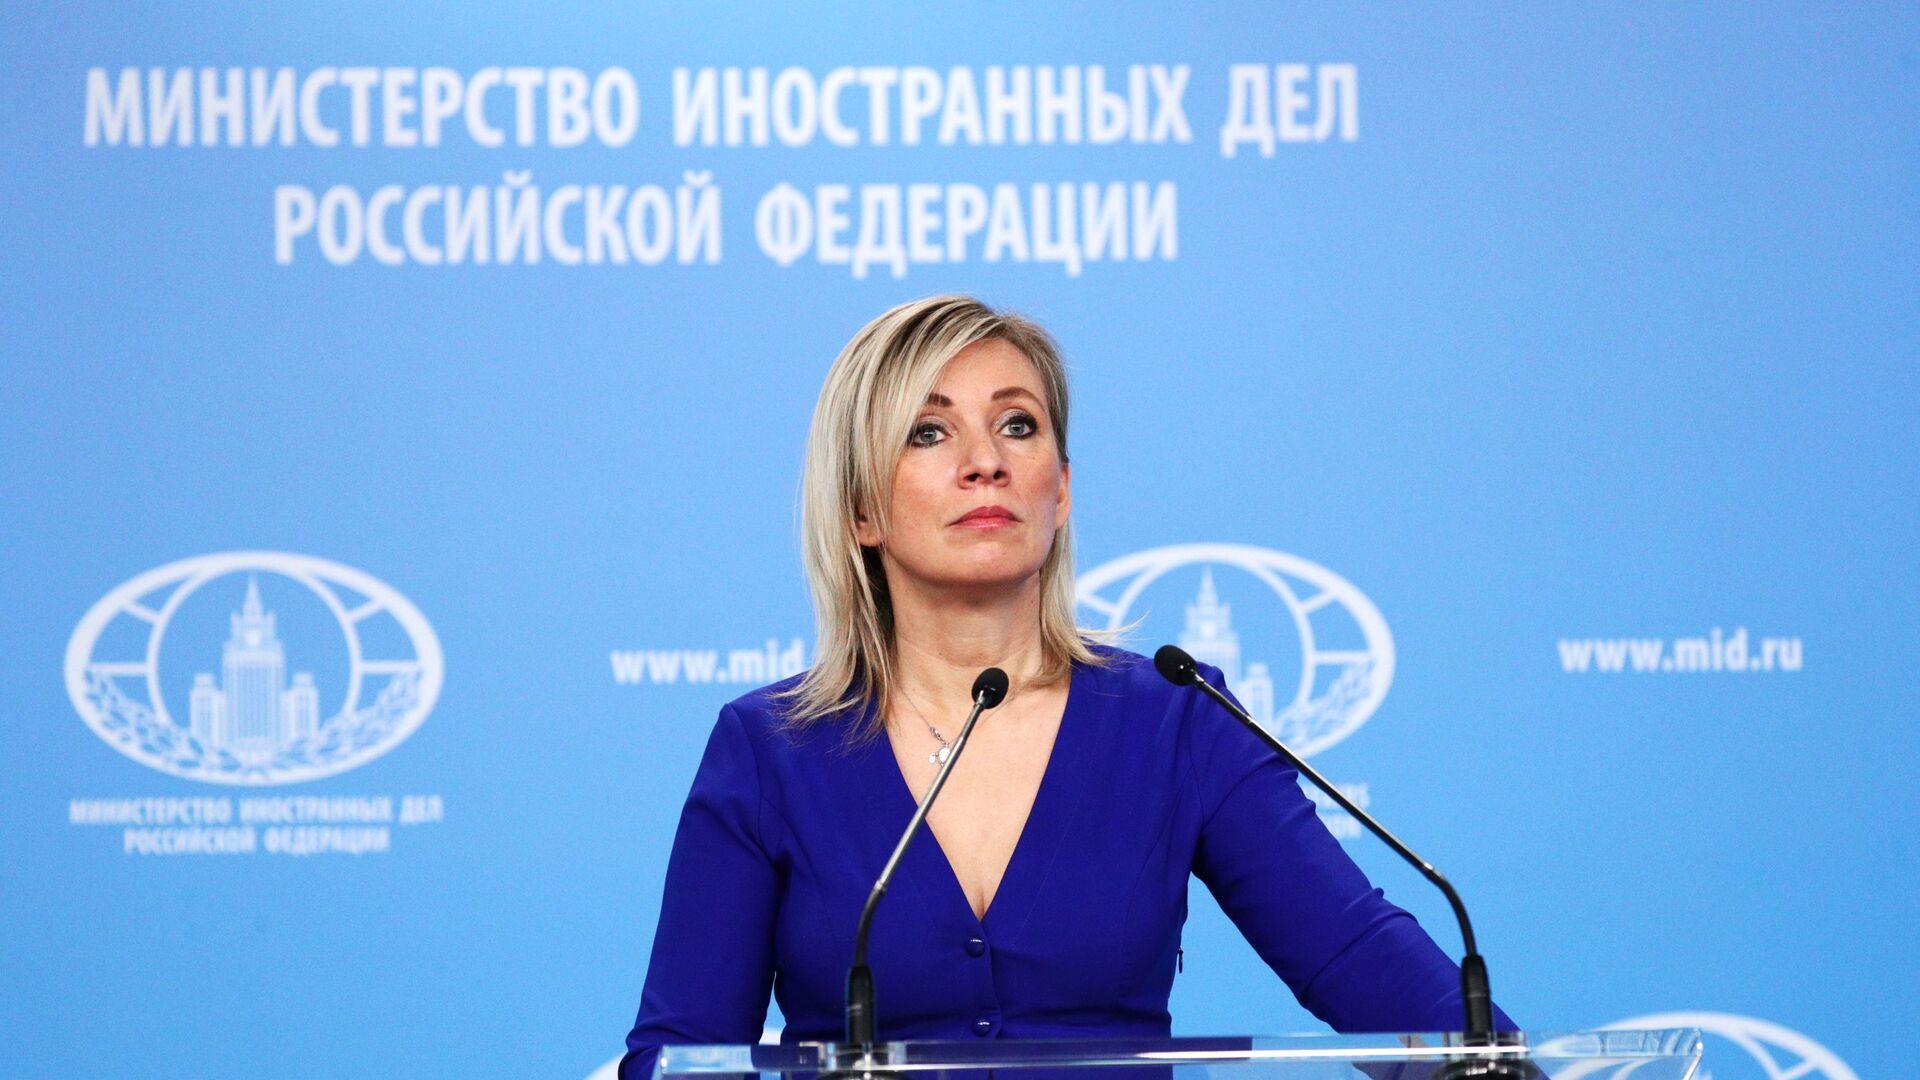 Захарова: За САД претња сви који су им конкуренција; Огромна подршка Запада несистемској опозицији - Sputnik Србија, 1920, 18.03.2021